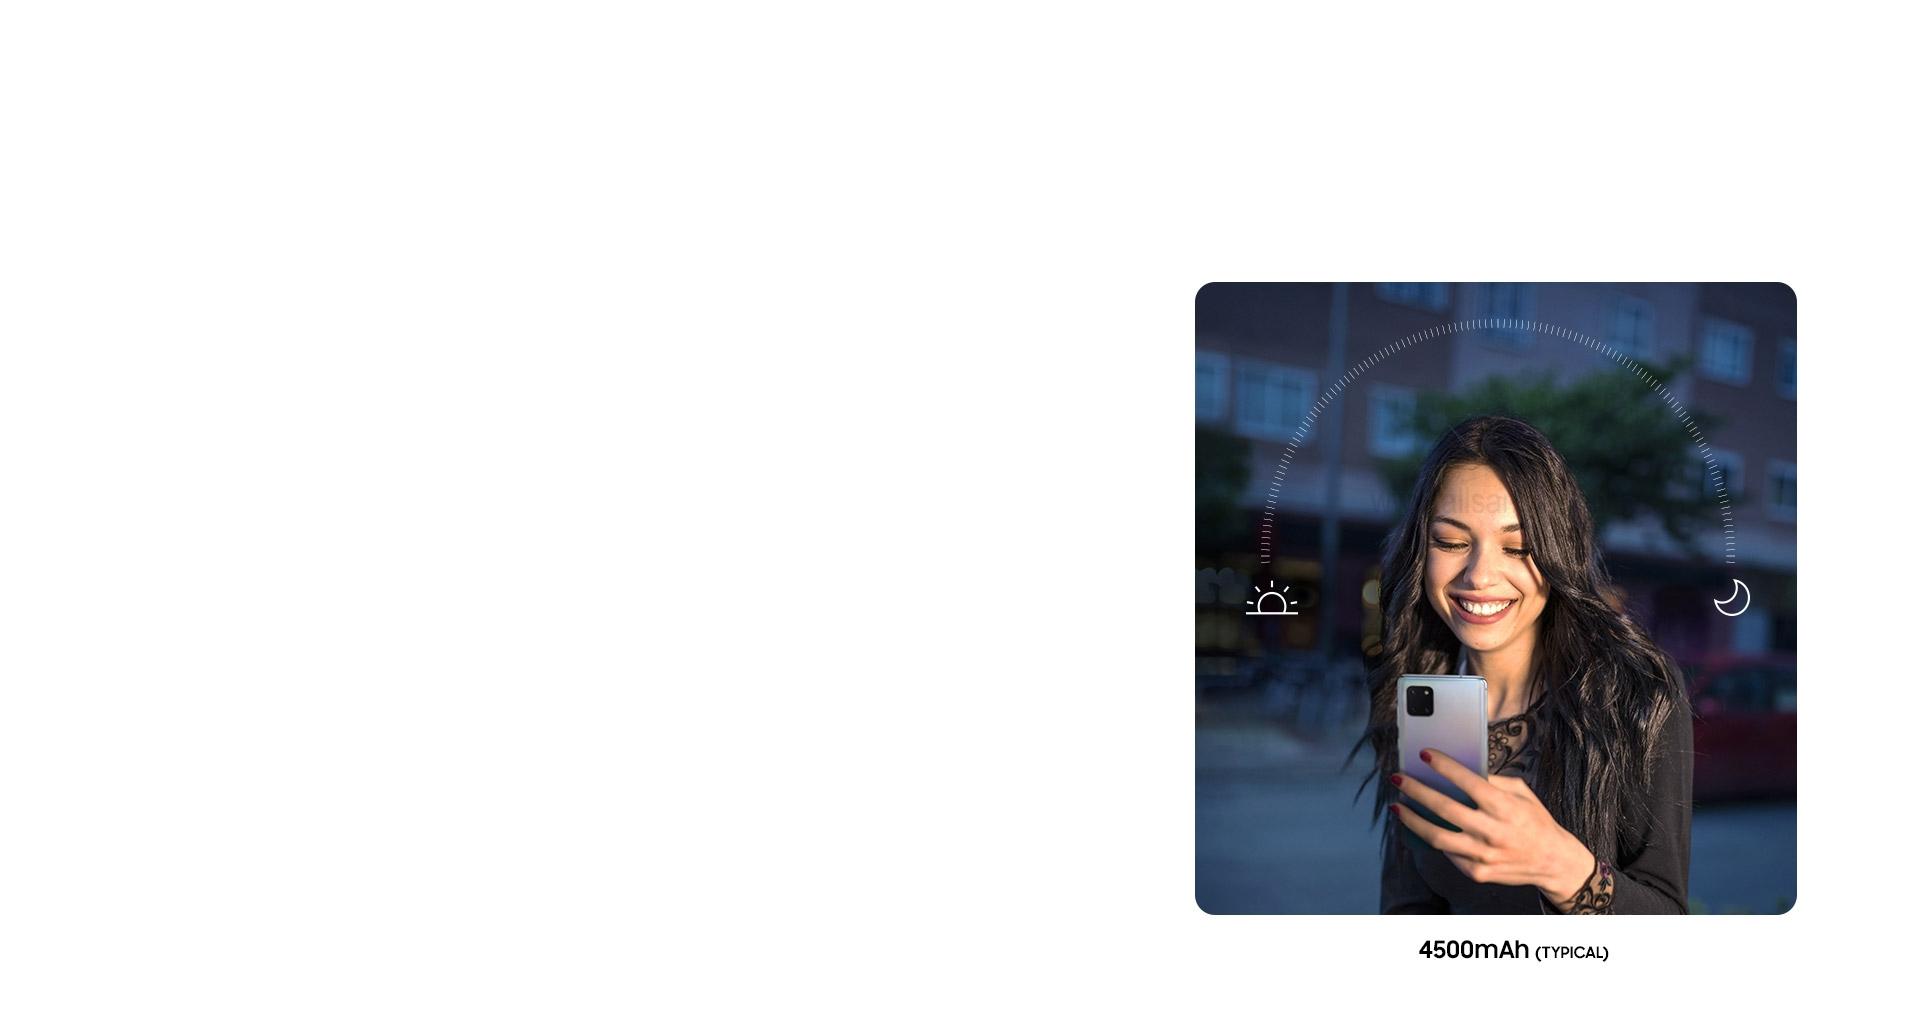 باتری قدرتمند Galaxy Note10 Lite برای همراهی با شما